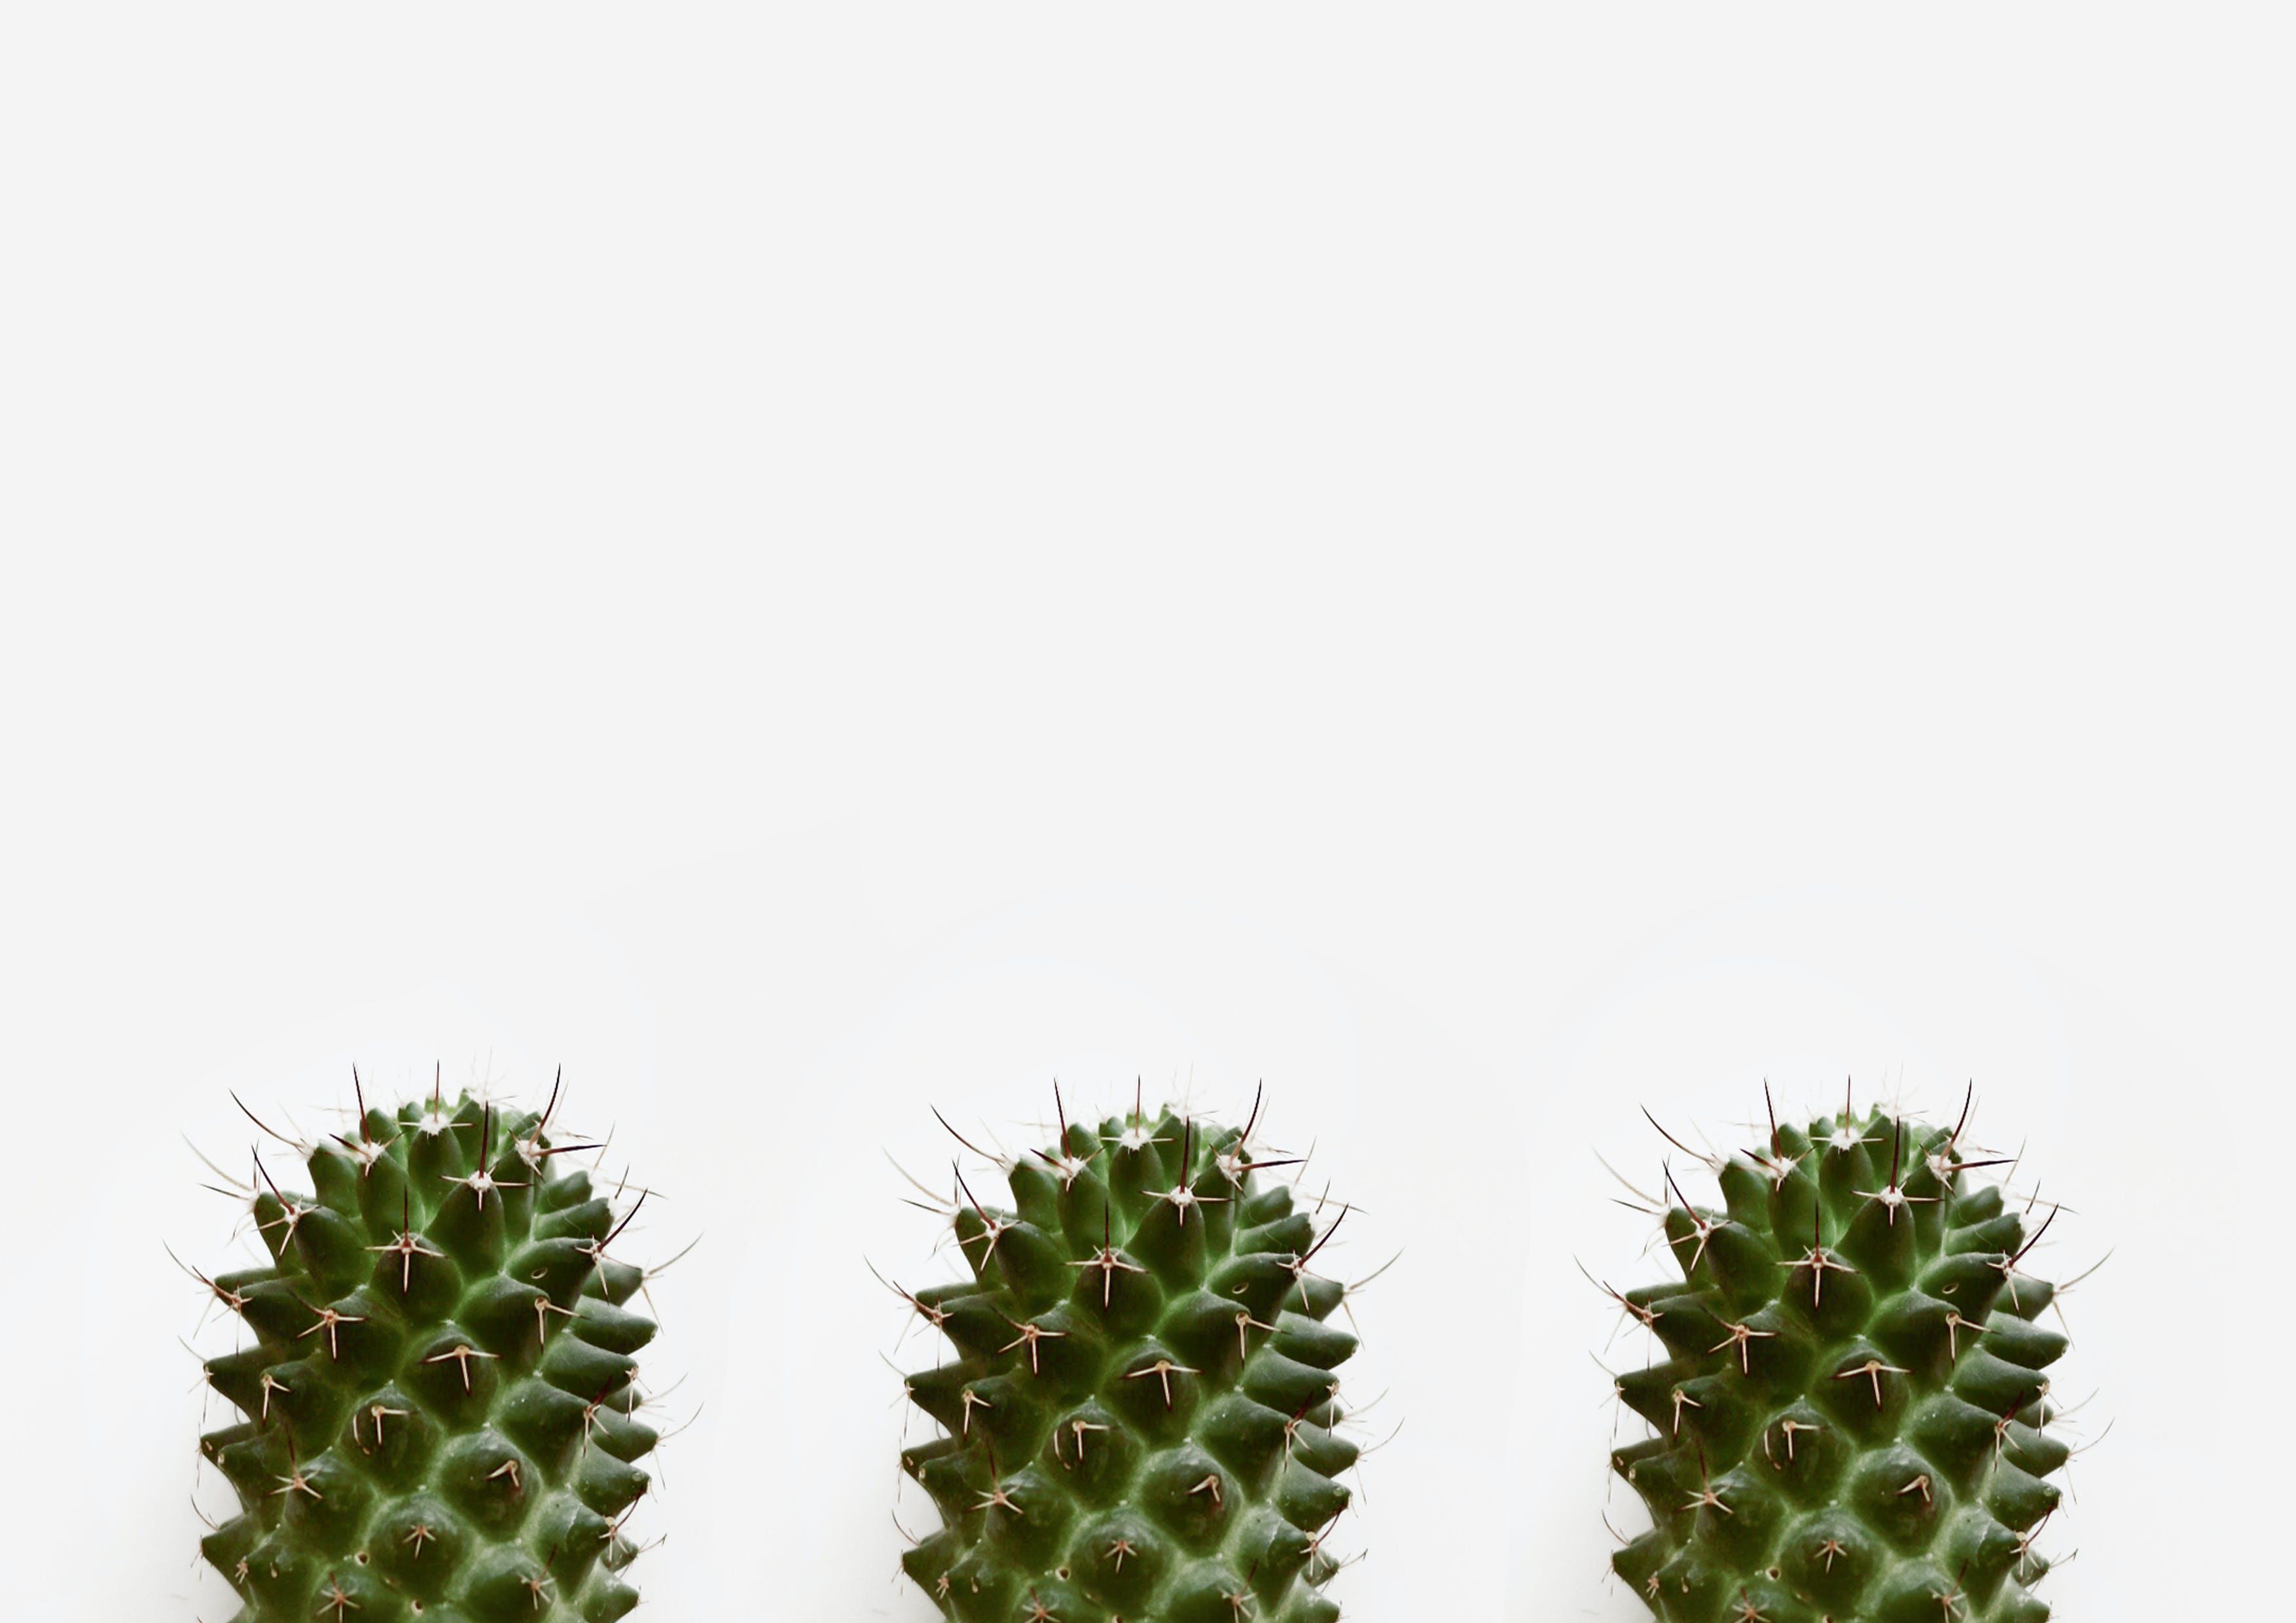 仙人掌, 刺, 室內植物, 尖刺 的